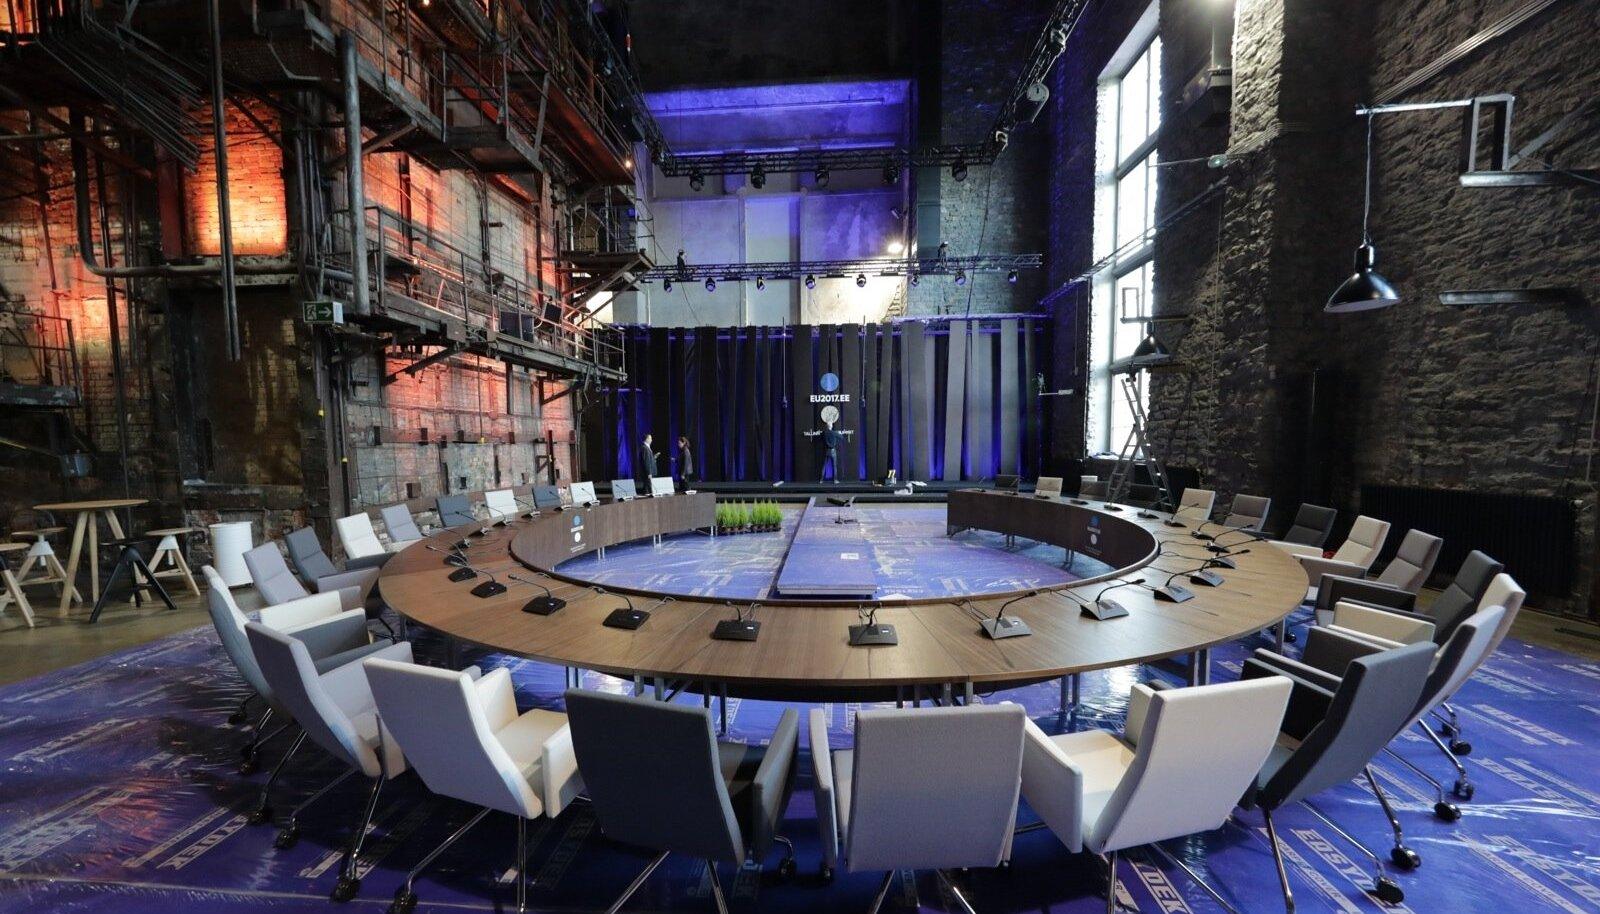 Homme Kultuurikatlas toimuva tippkohtumise ettevalmistused olid eilseks üsna kaugele jõudnud. Paigas oli ka suur ümmargune laud, mille ümber EL-i juhid homme istuvad.